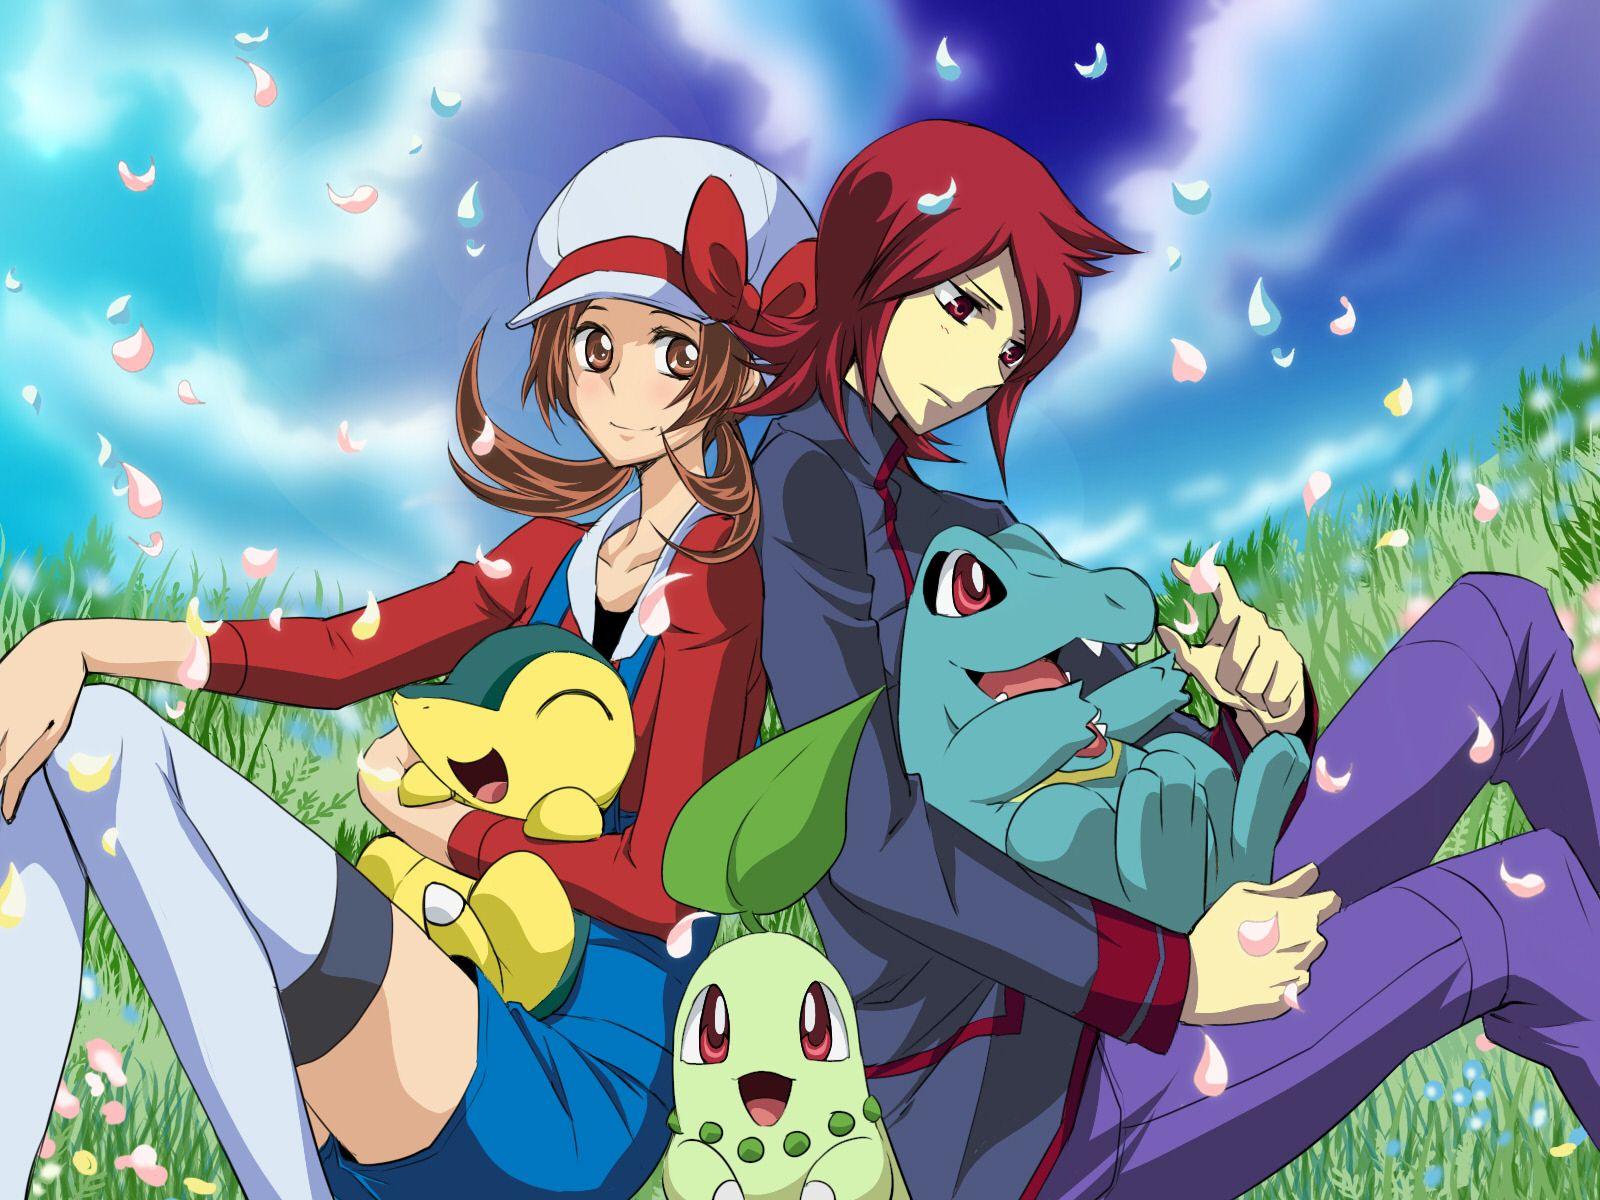 Anime Pokemon Cyndaquil Pokemon Chikorita Pokemon Totodile 1600x1200